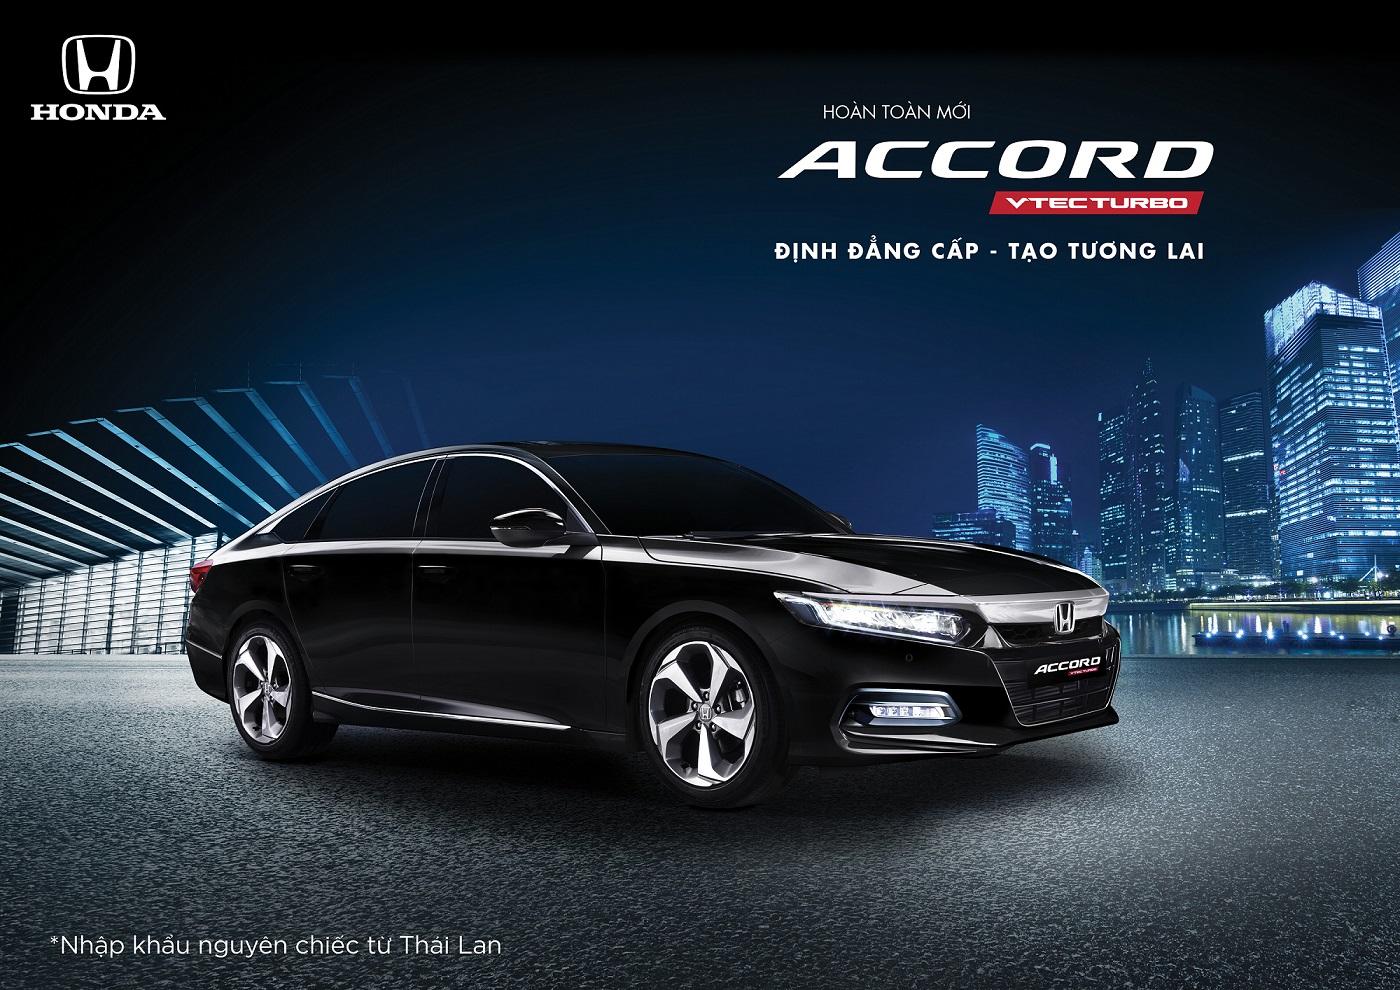 Honda Accord 2020 - Honda Khánh Hòa - Honda Ô tô Nha Trang - 0905 069 259